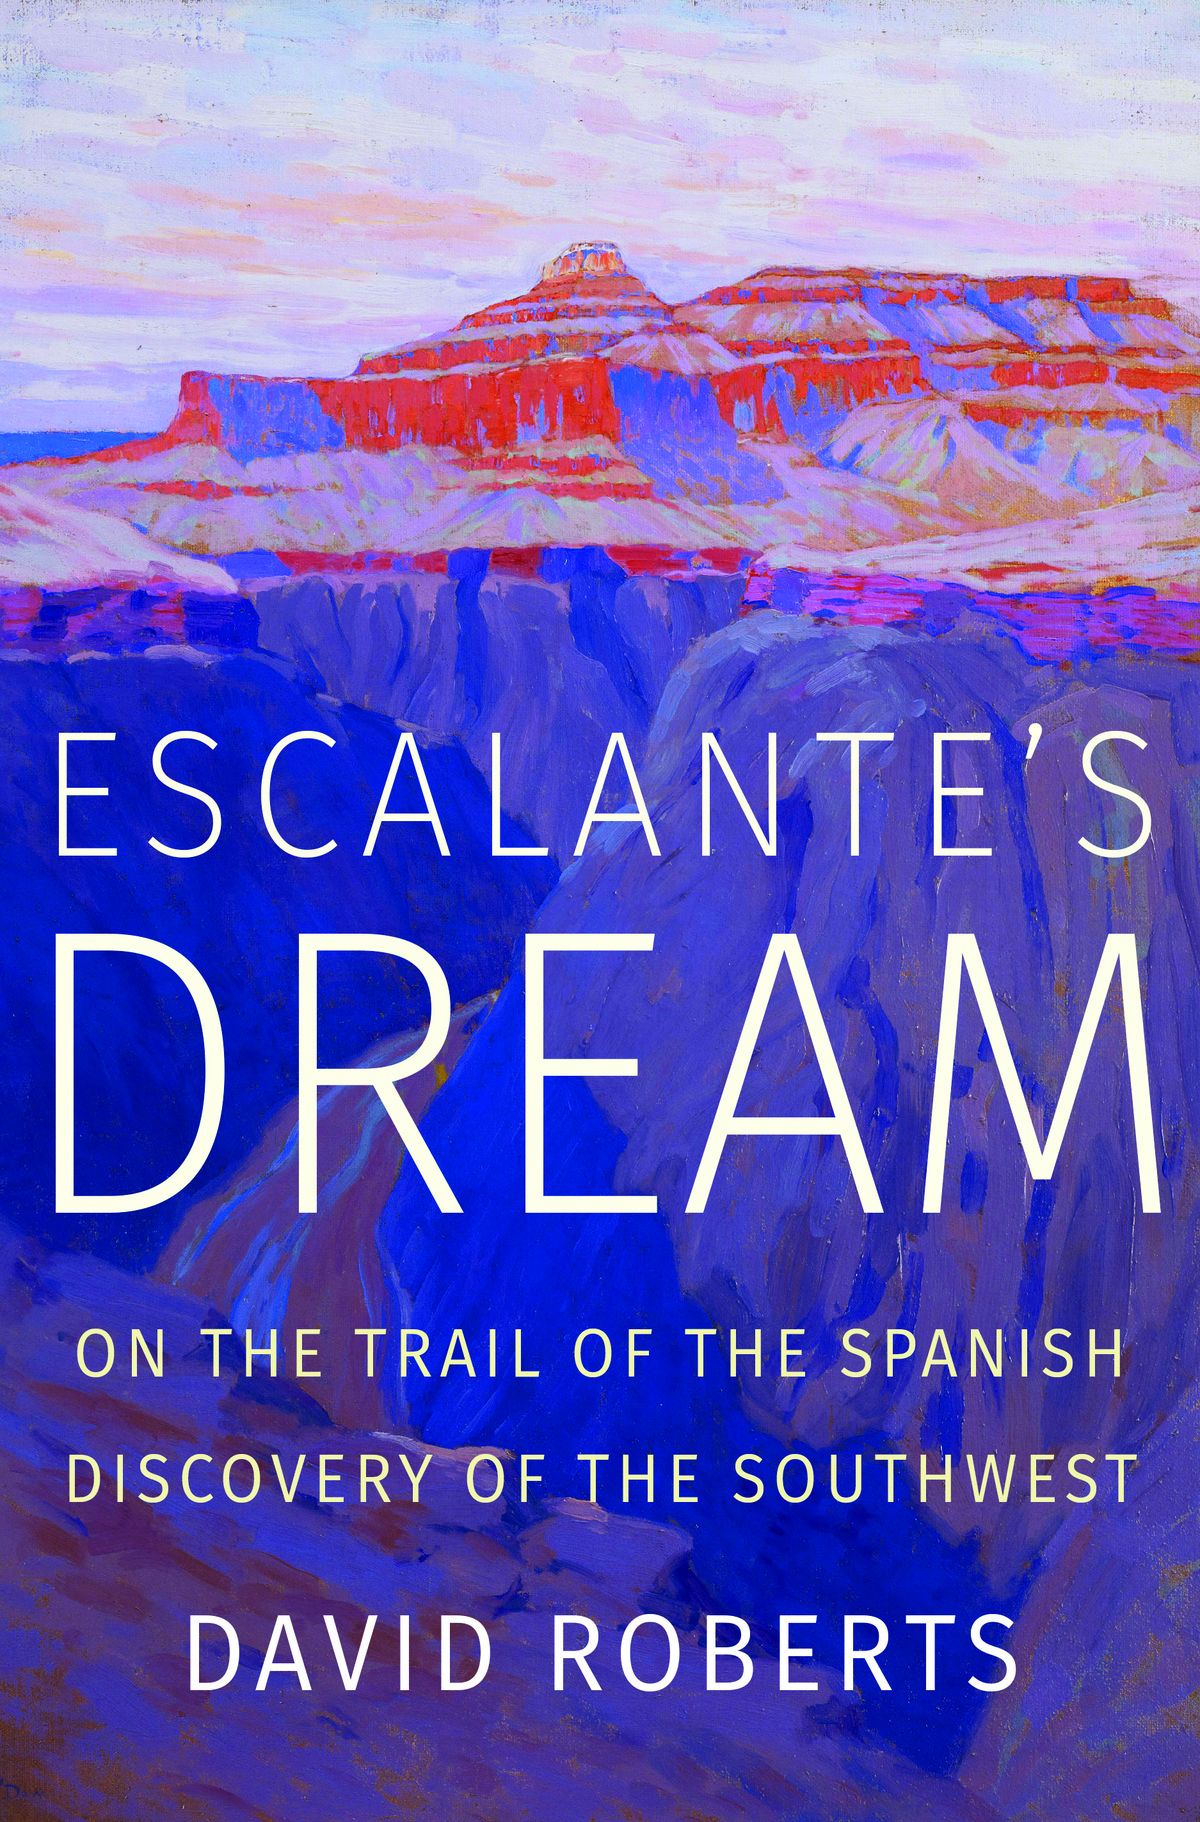 Escalante's Dream.jpg